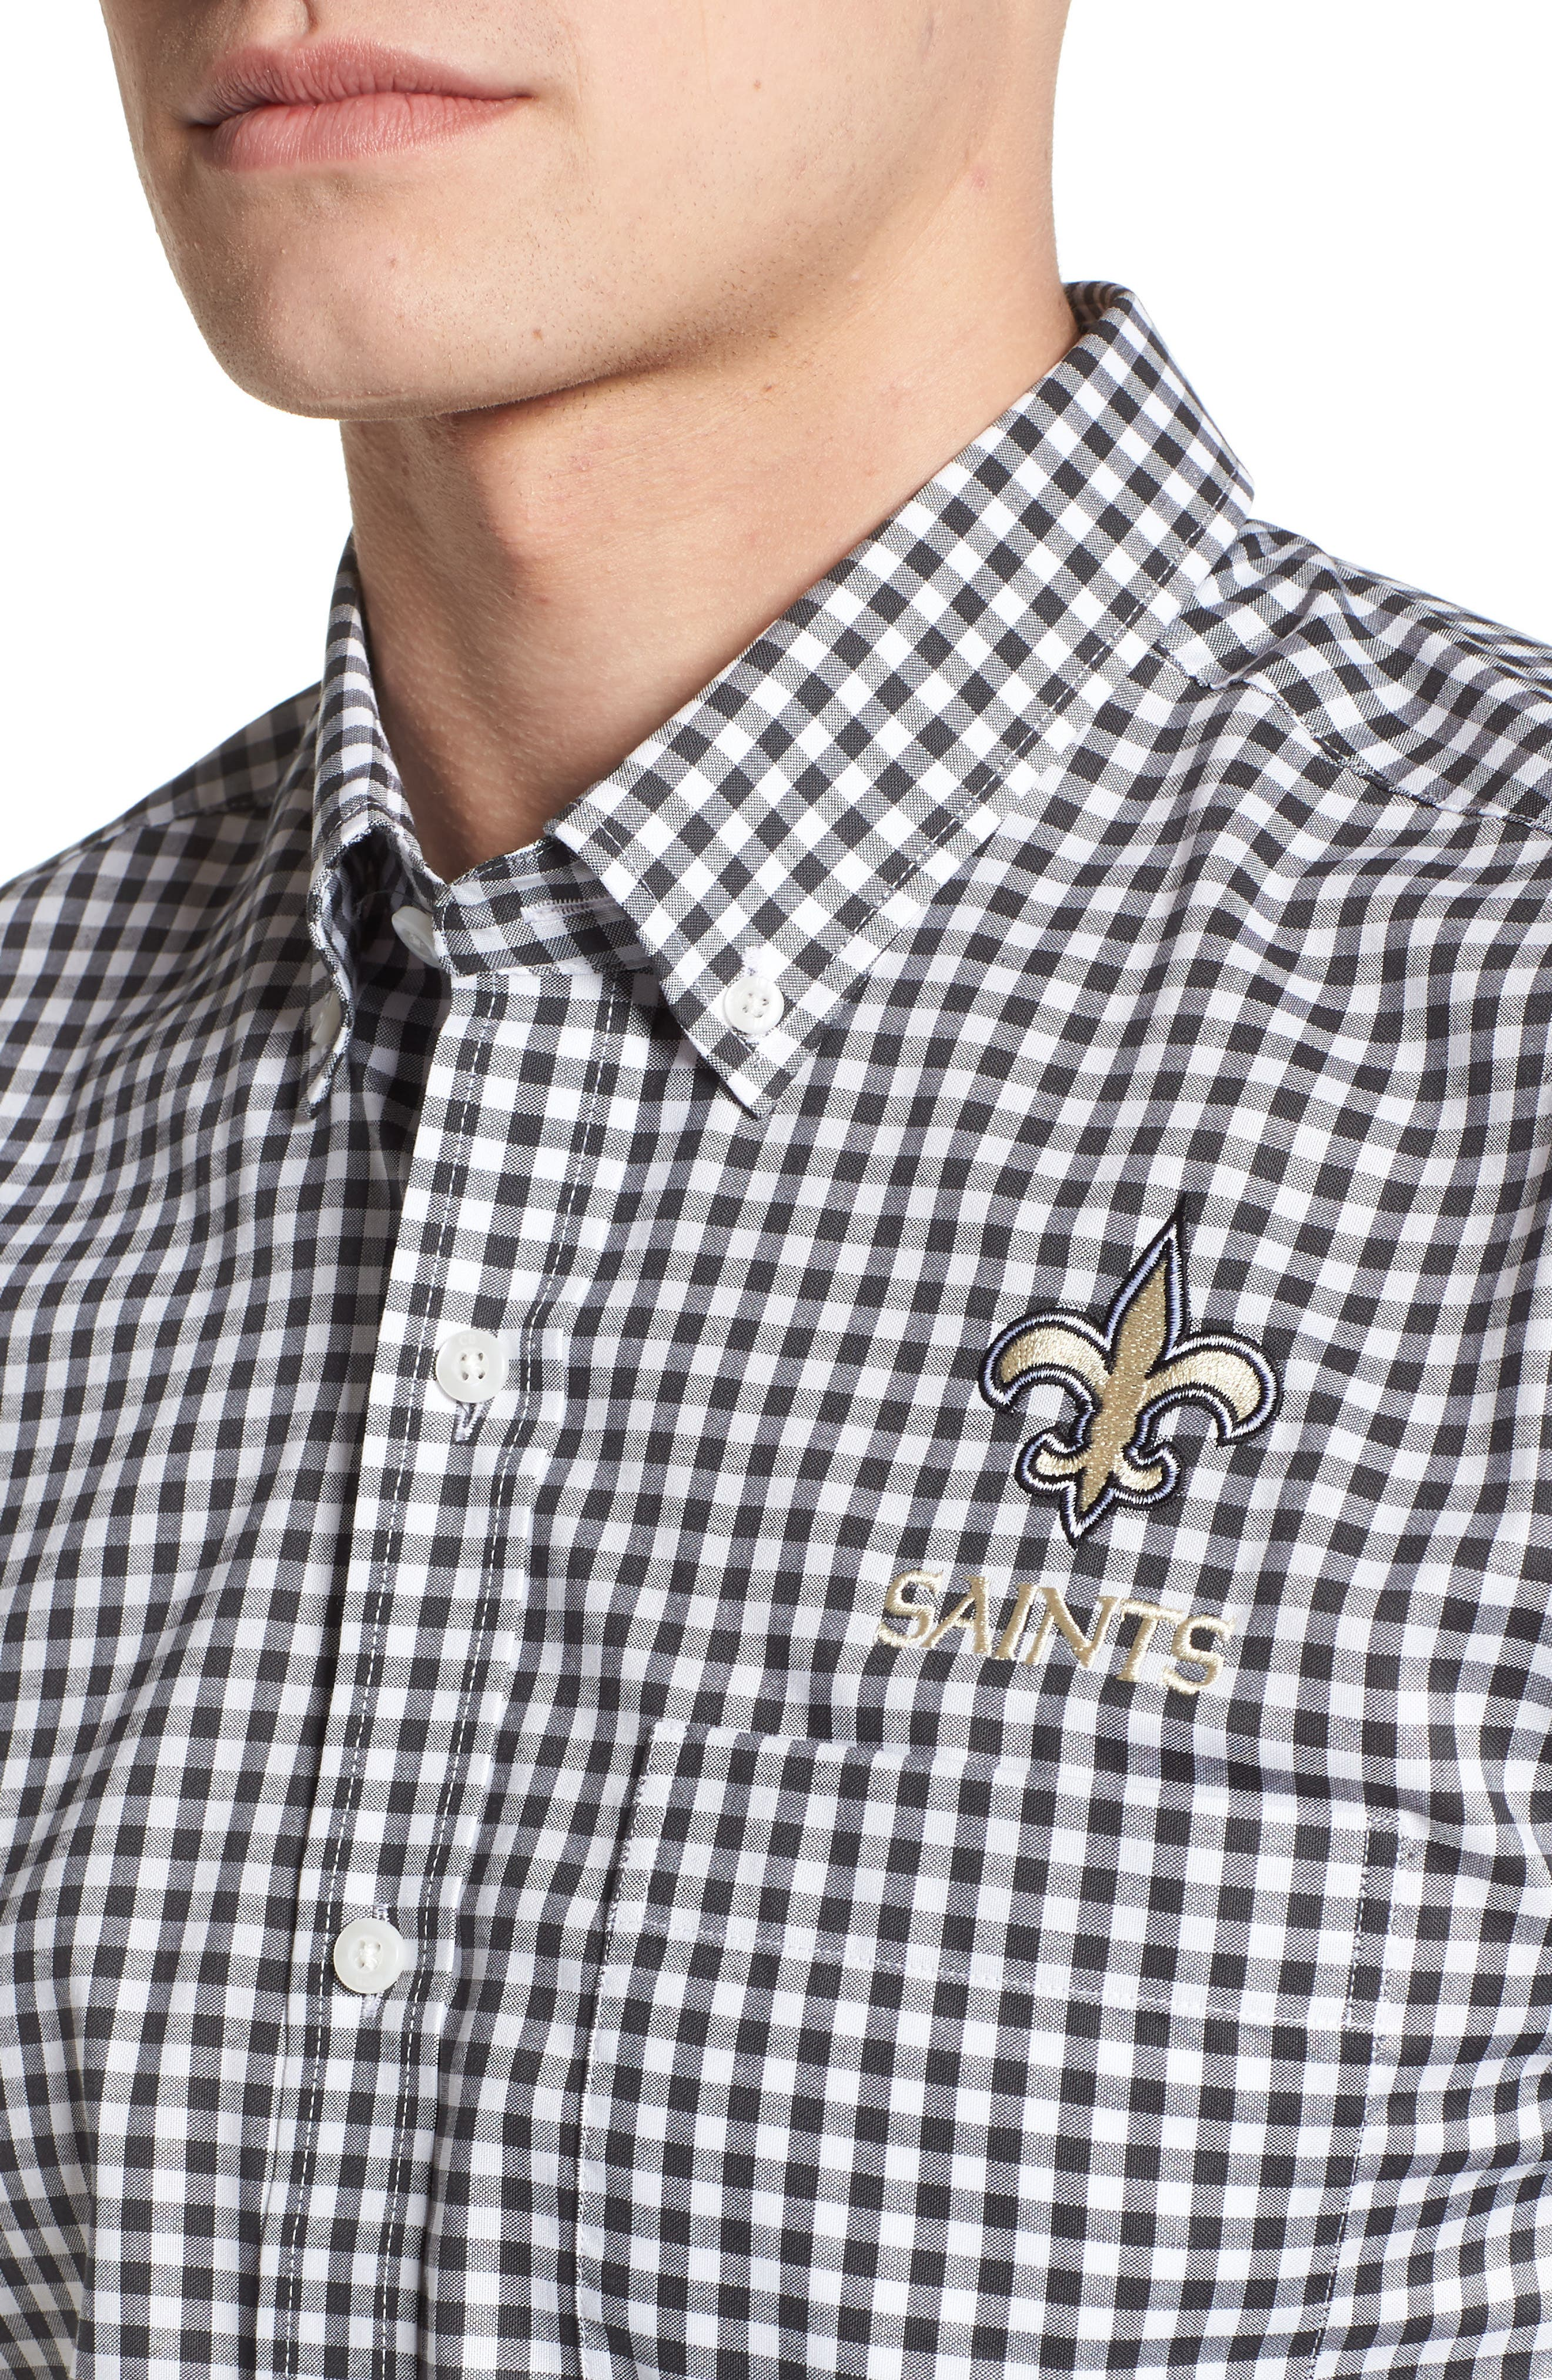 League New Orleans Saints Regular Fit Shirt,                             Alternate thumbnail 4, color,                             CHARCOAL